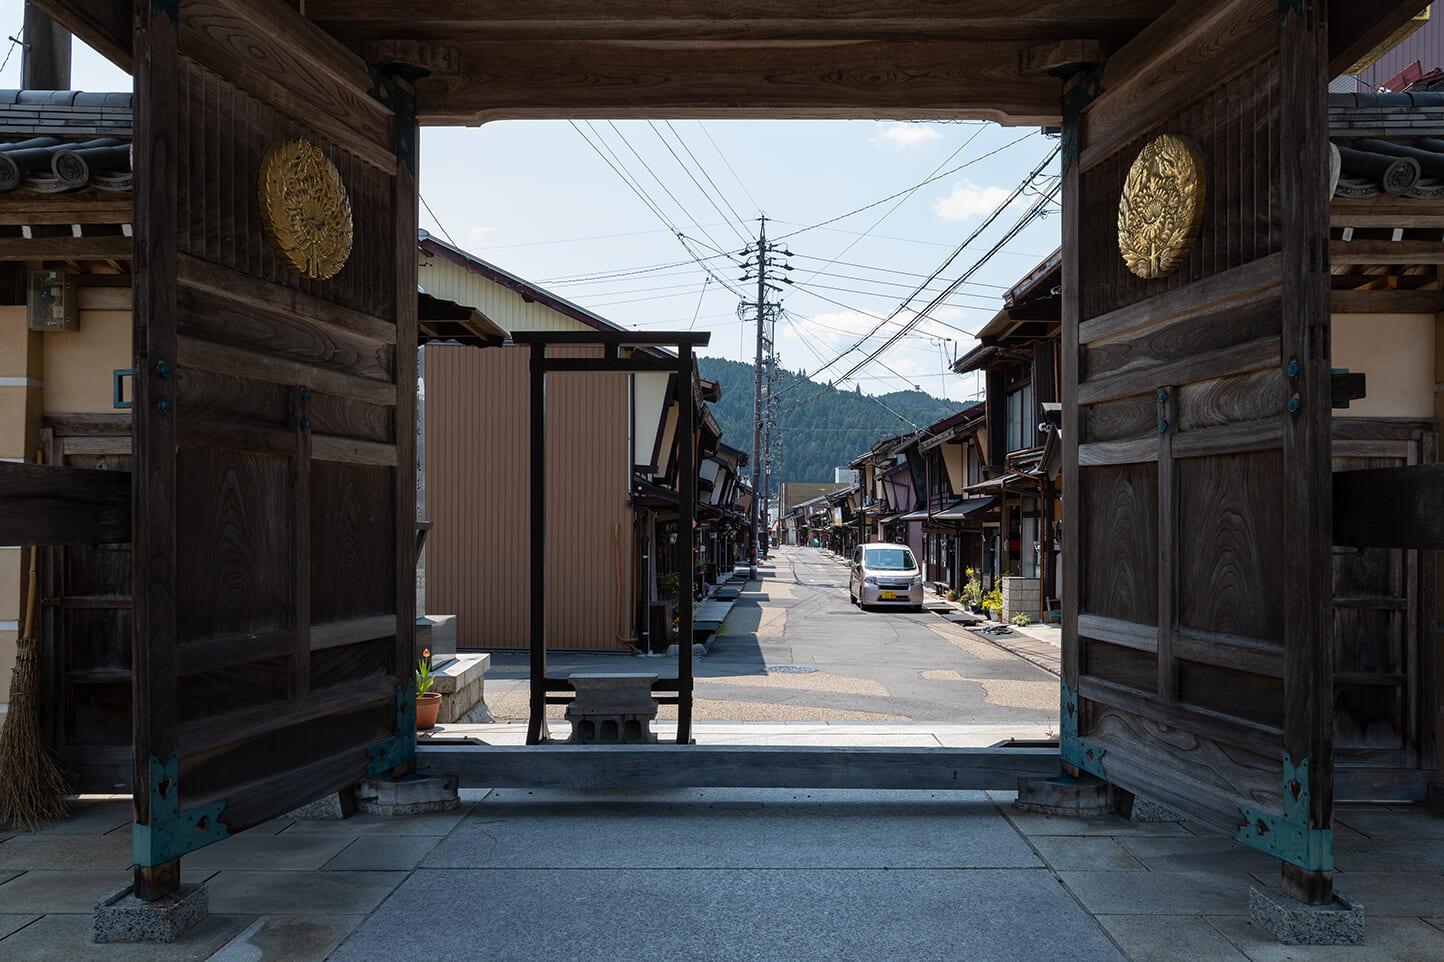 古い町並み スライダー画像1